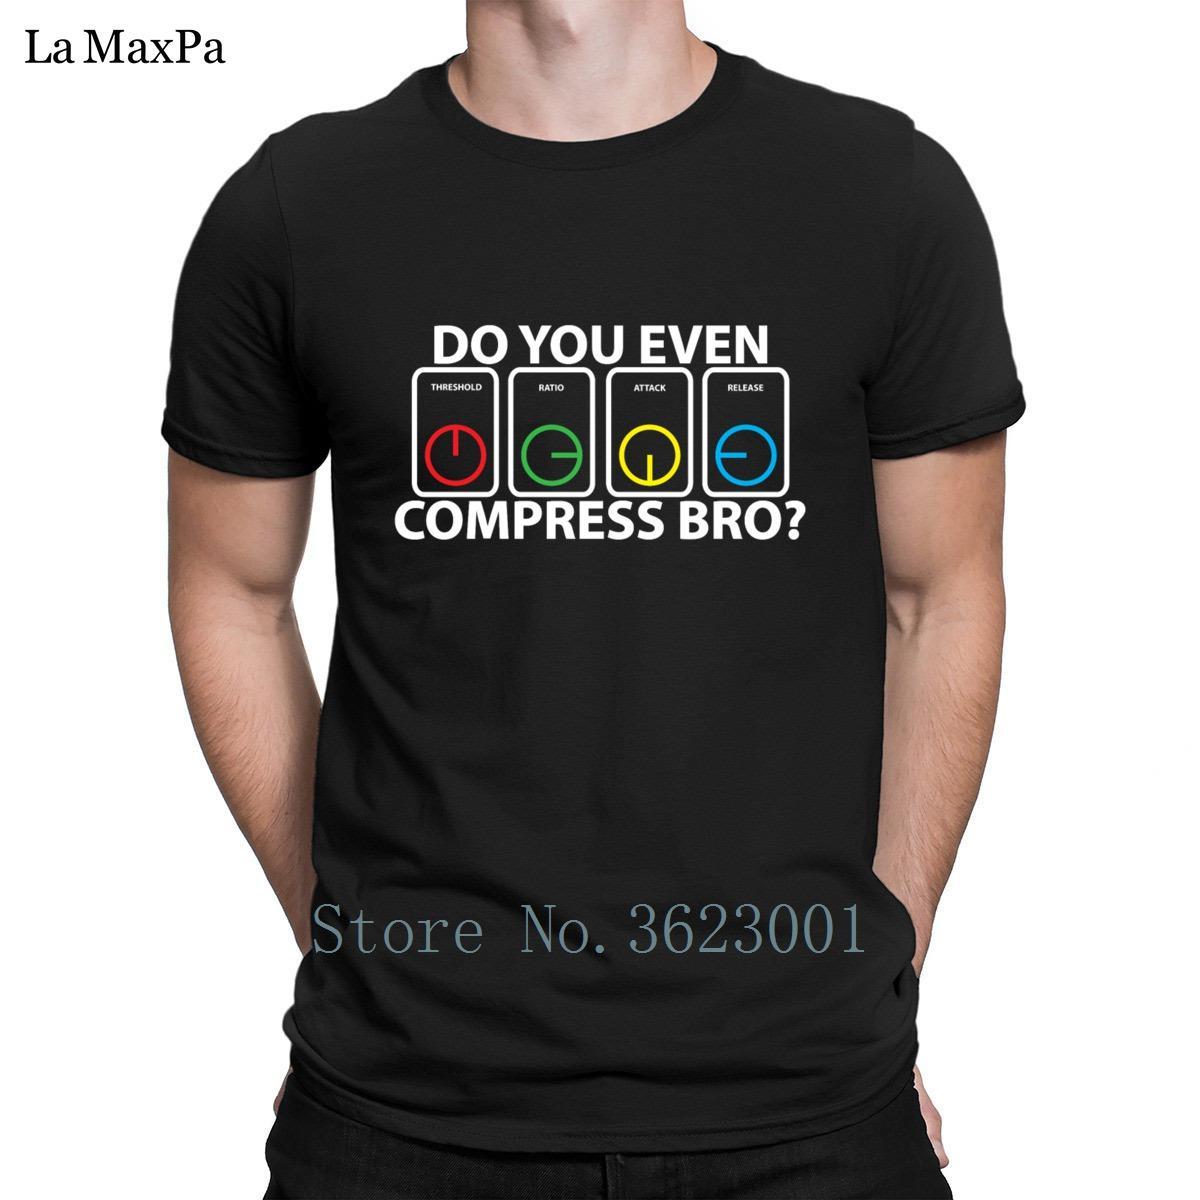 Erkekler Homme Tişört Erkek Normal Tişörtlü Boyut S-3XL HipHop için Basılı Klasik Erkekler Tişört Do You bile sıkıştır Bro Tee Gömlek